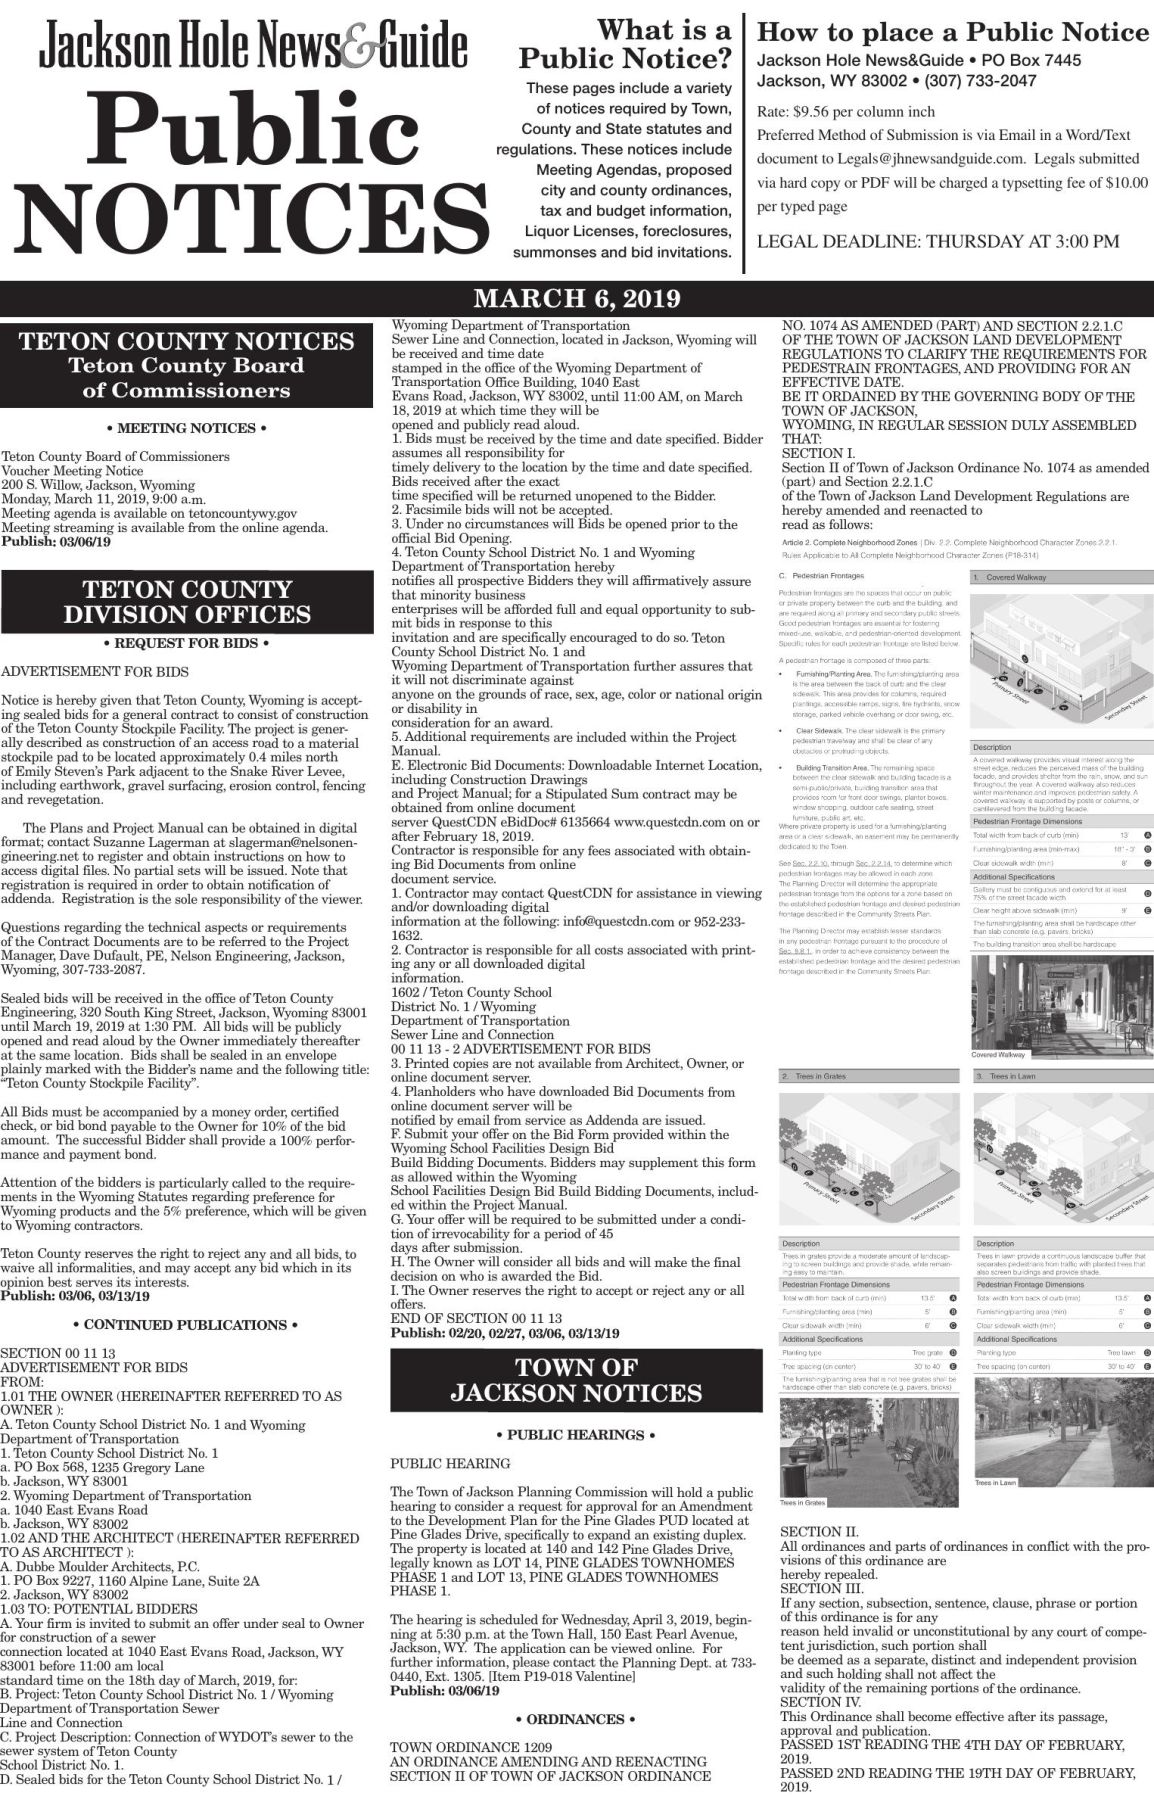 Public Notices, March 6, 2019